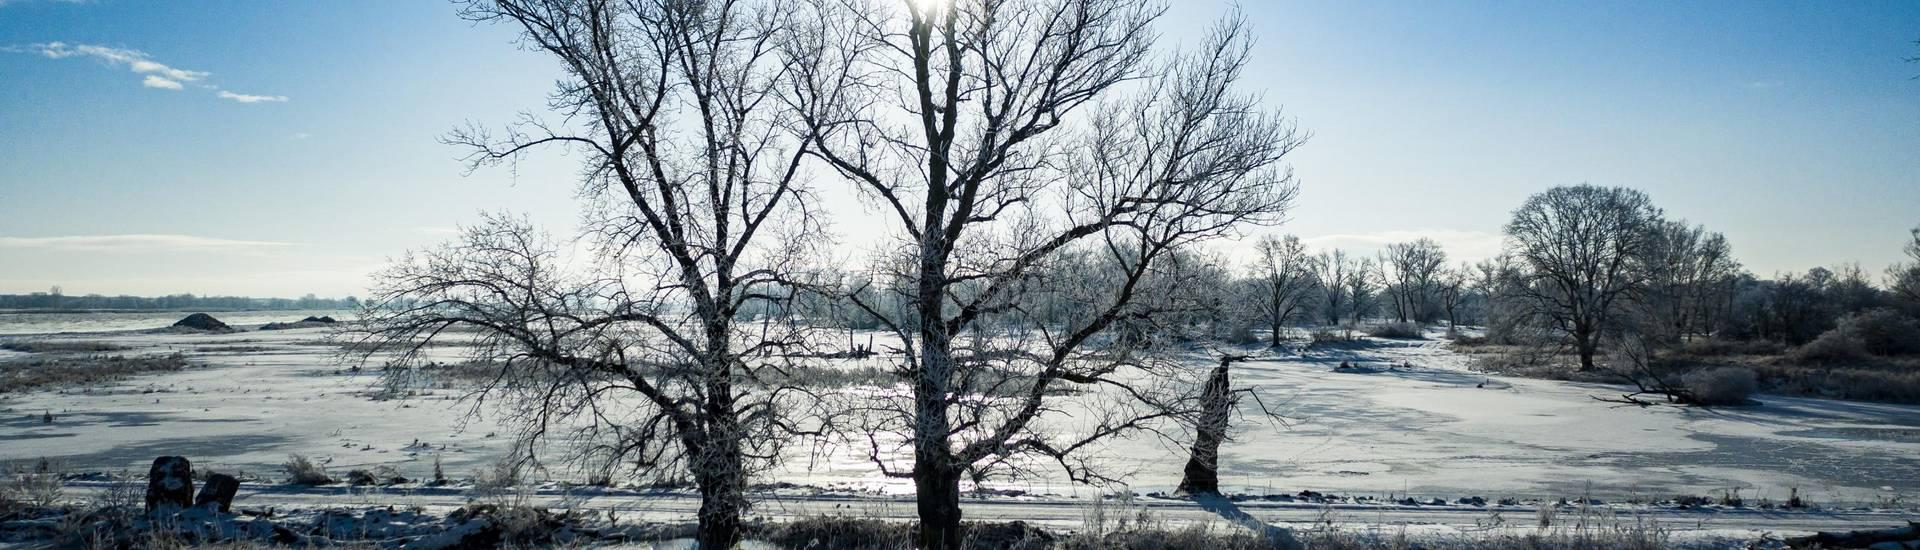 winter im oderbruch ©Daniel Joerendt